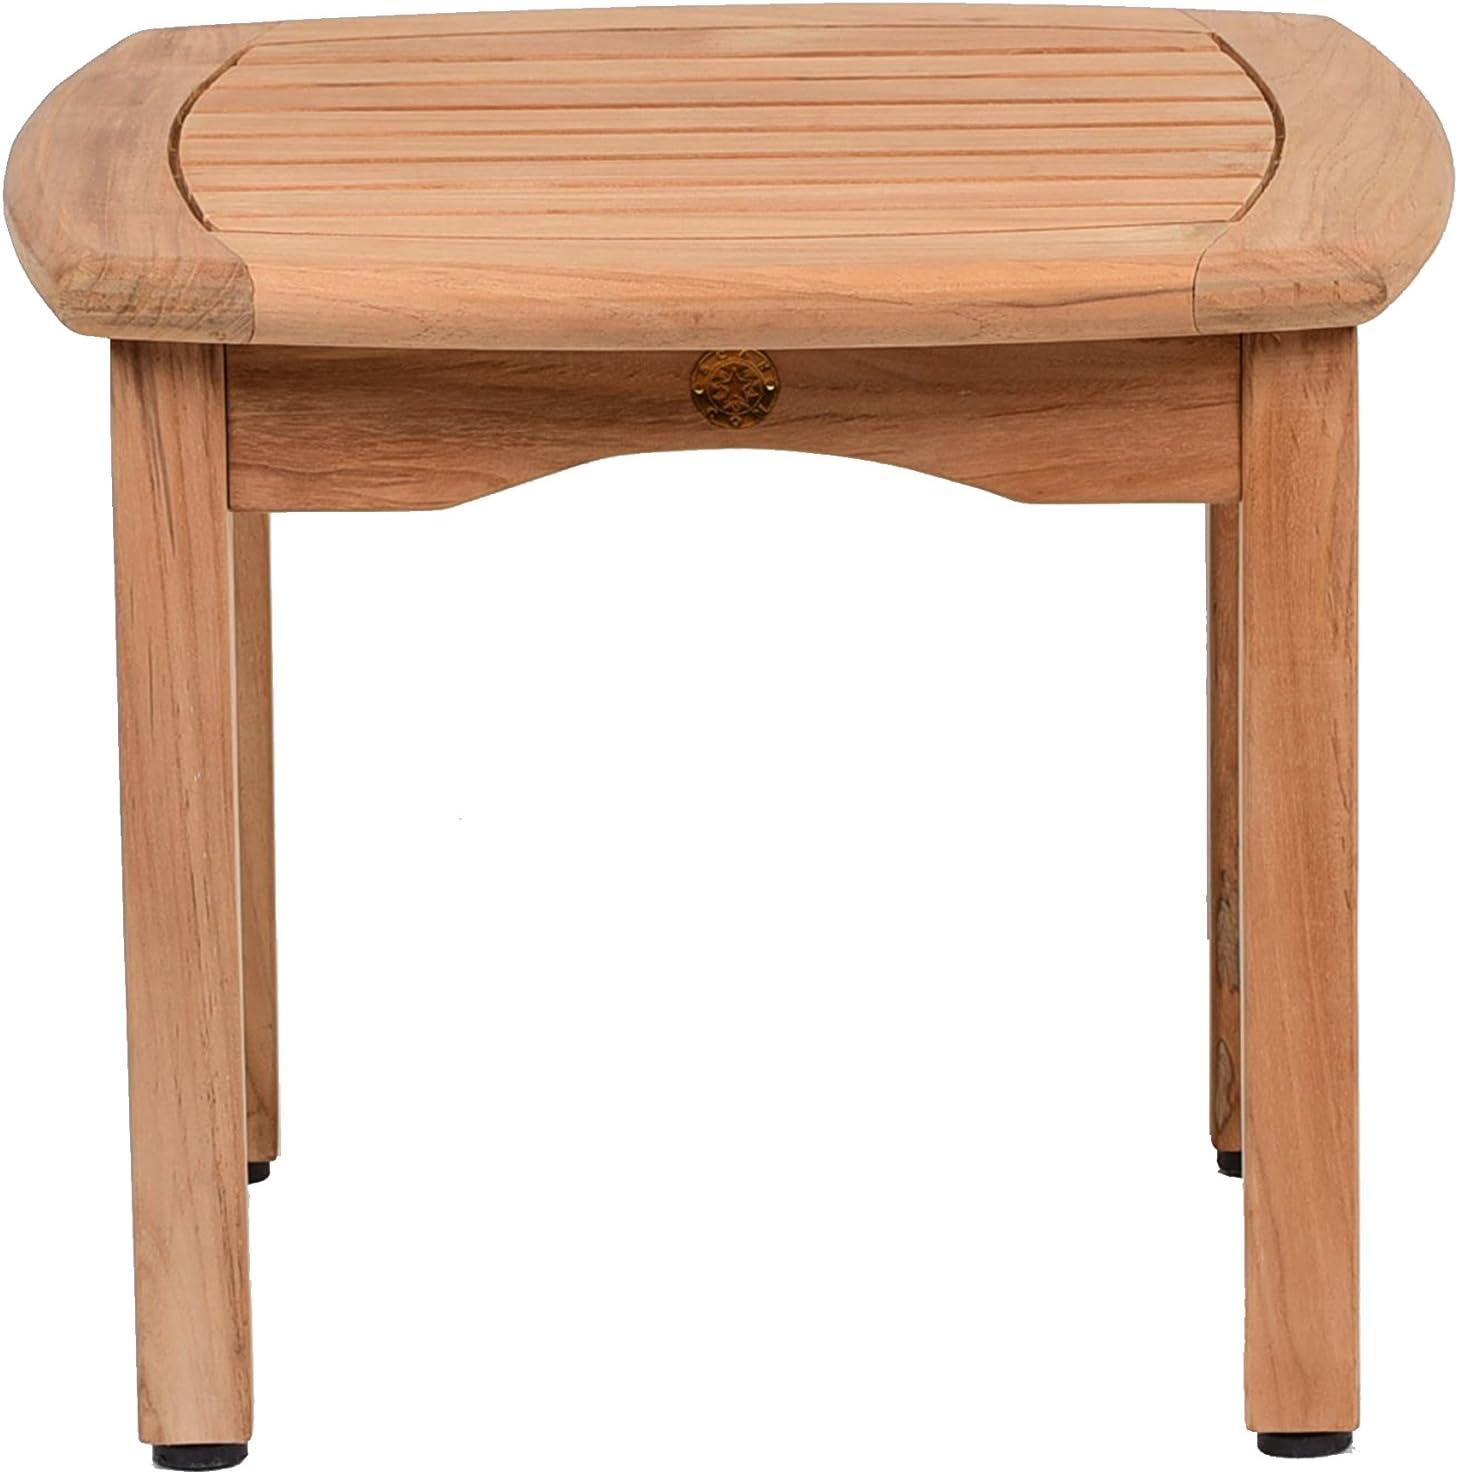 Amazonia Teak Papaya Square Side Table, 19.5 x 19.5